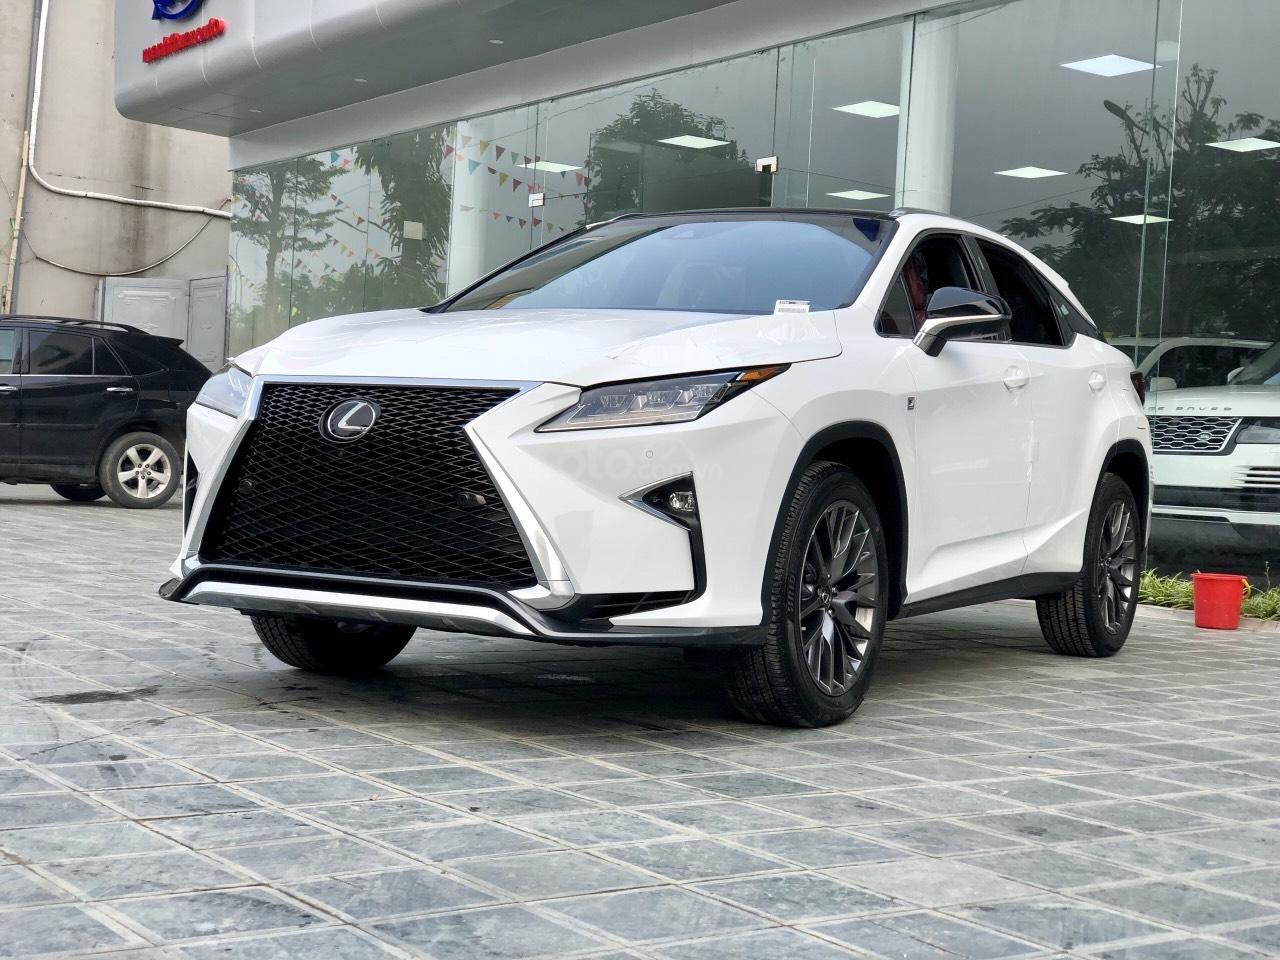 Bán Lexus RX Fsport sản xuất năm 2019, xe nhập Mỹ LH 0945.39.2468 Ms Hương (2)